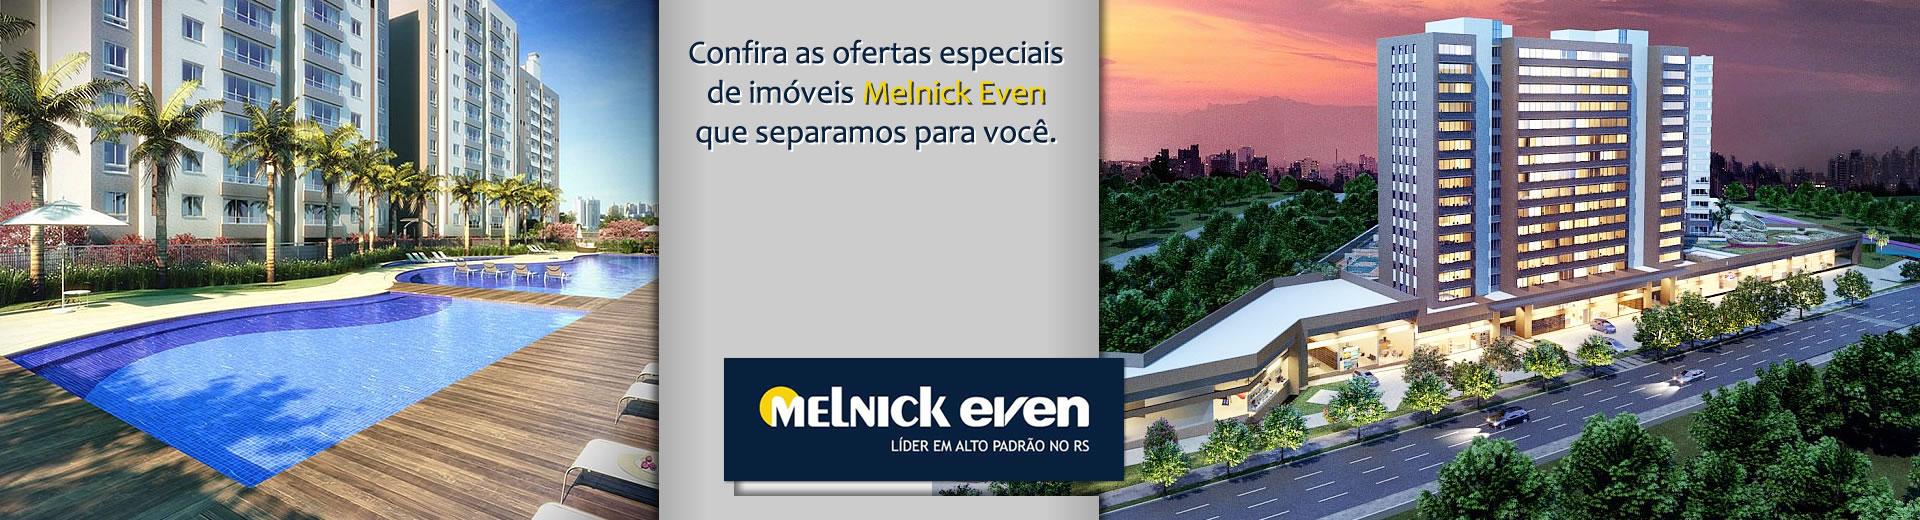 Melnick Even - Confira os imoveis